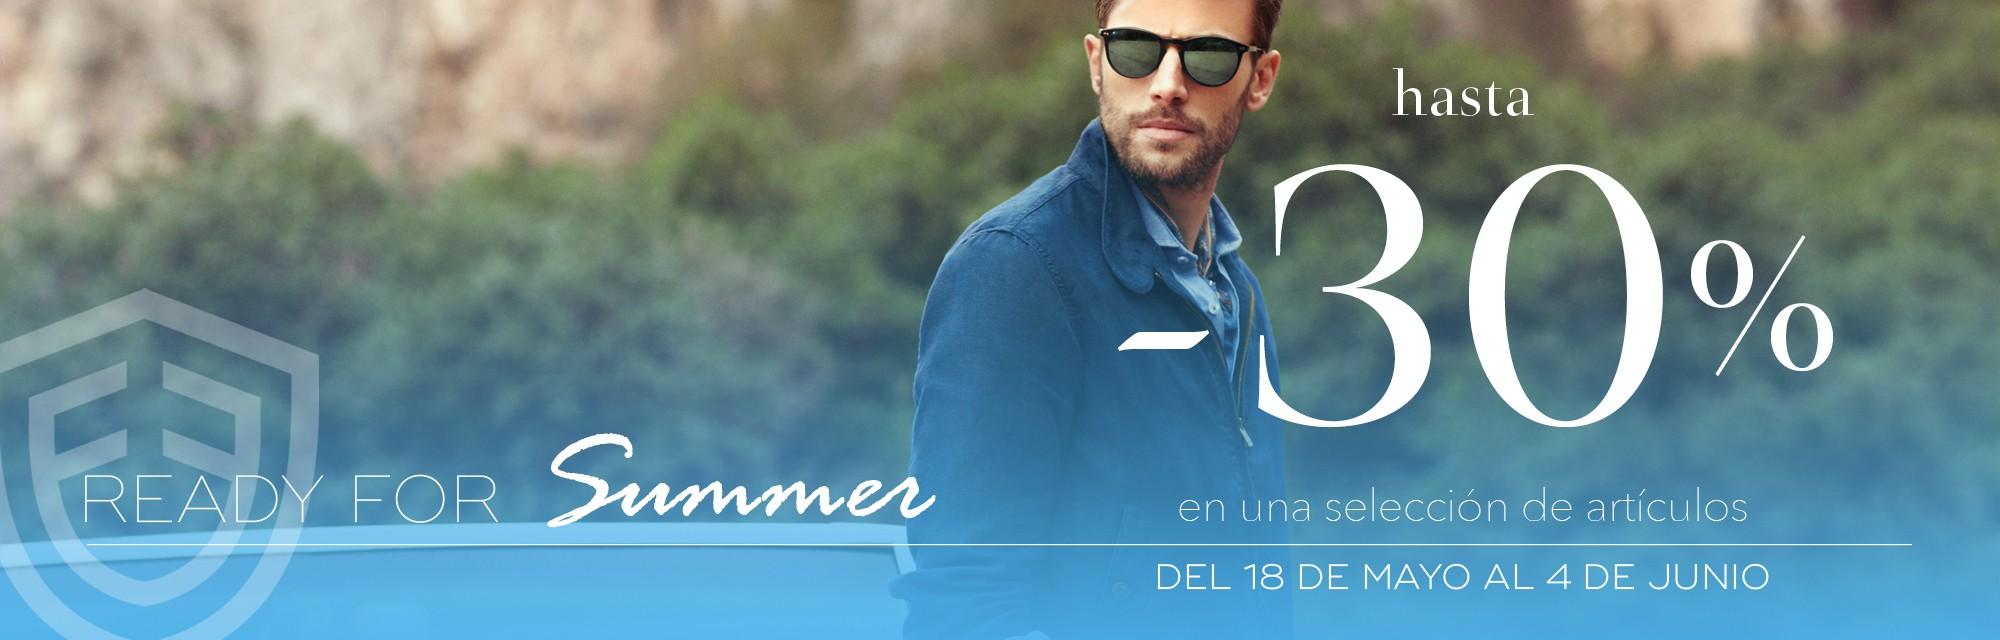 Summer promoción